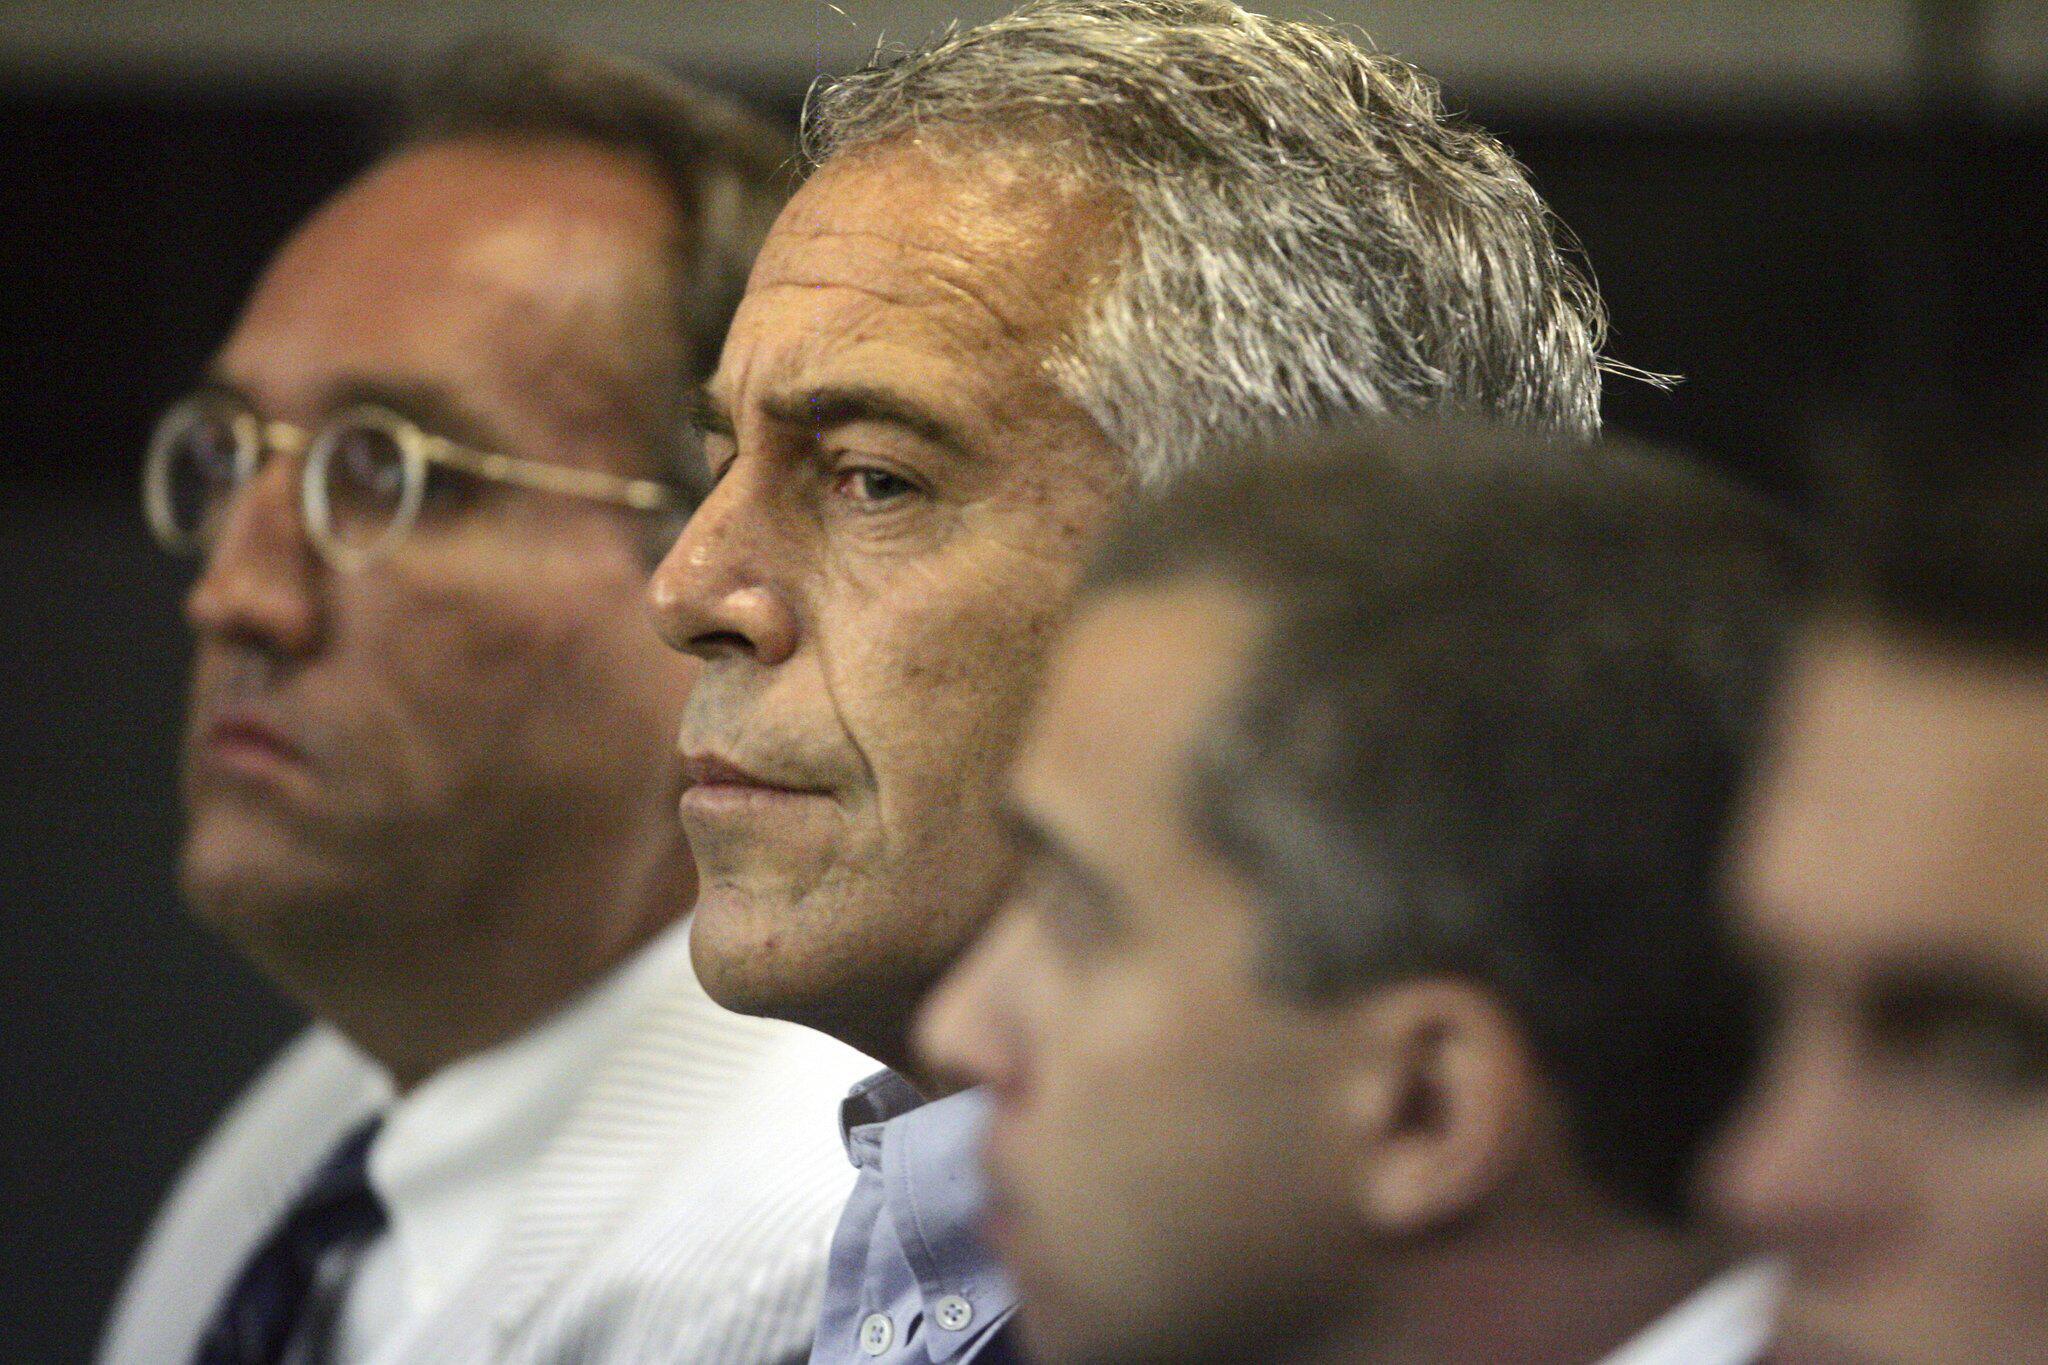 Bild zu Milliardär Epstein wegen Sexhandelsvorwürfen festgenommen